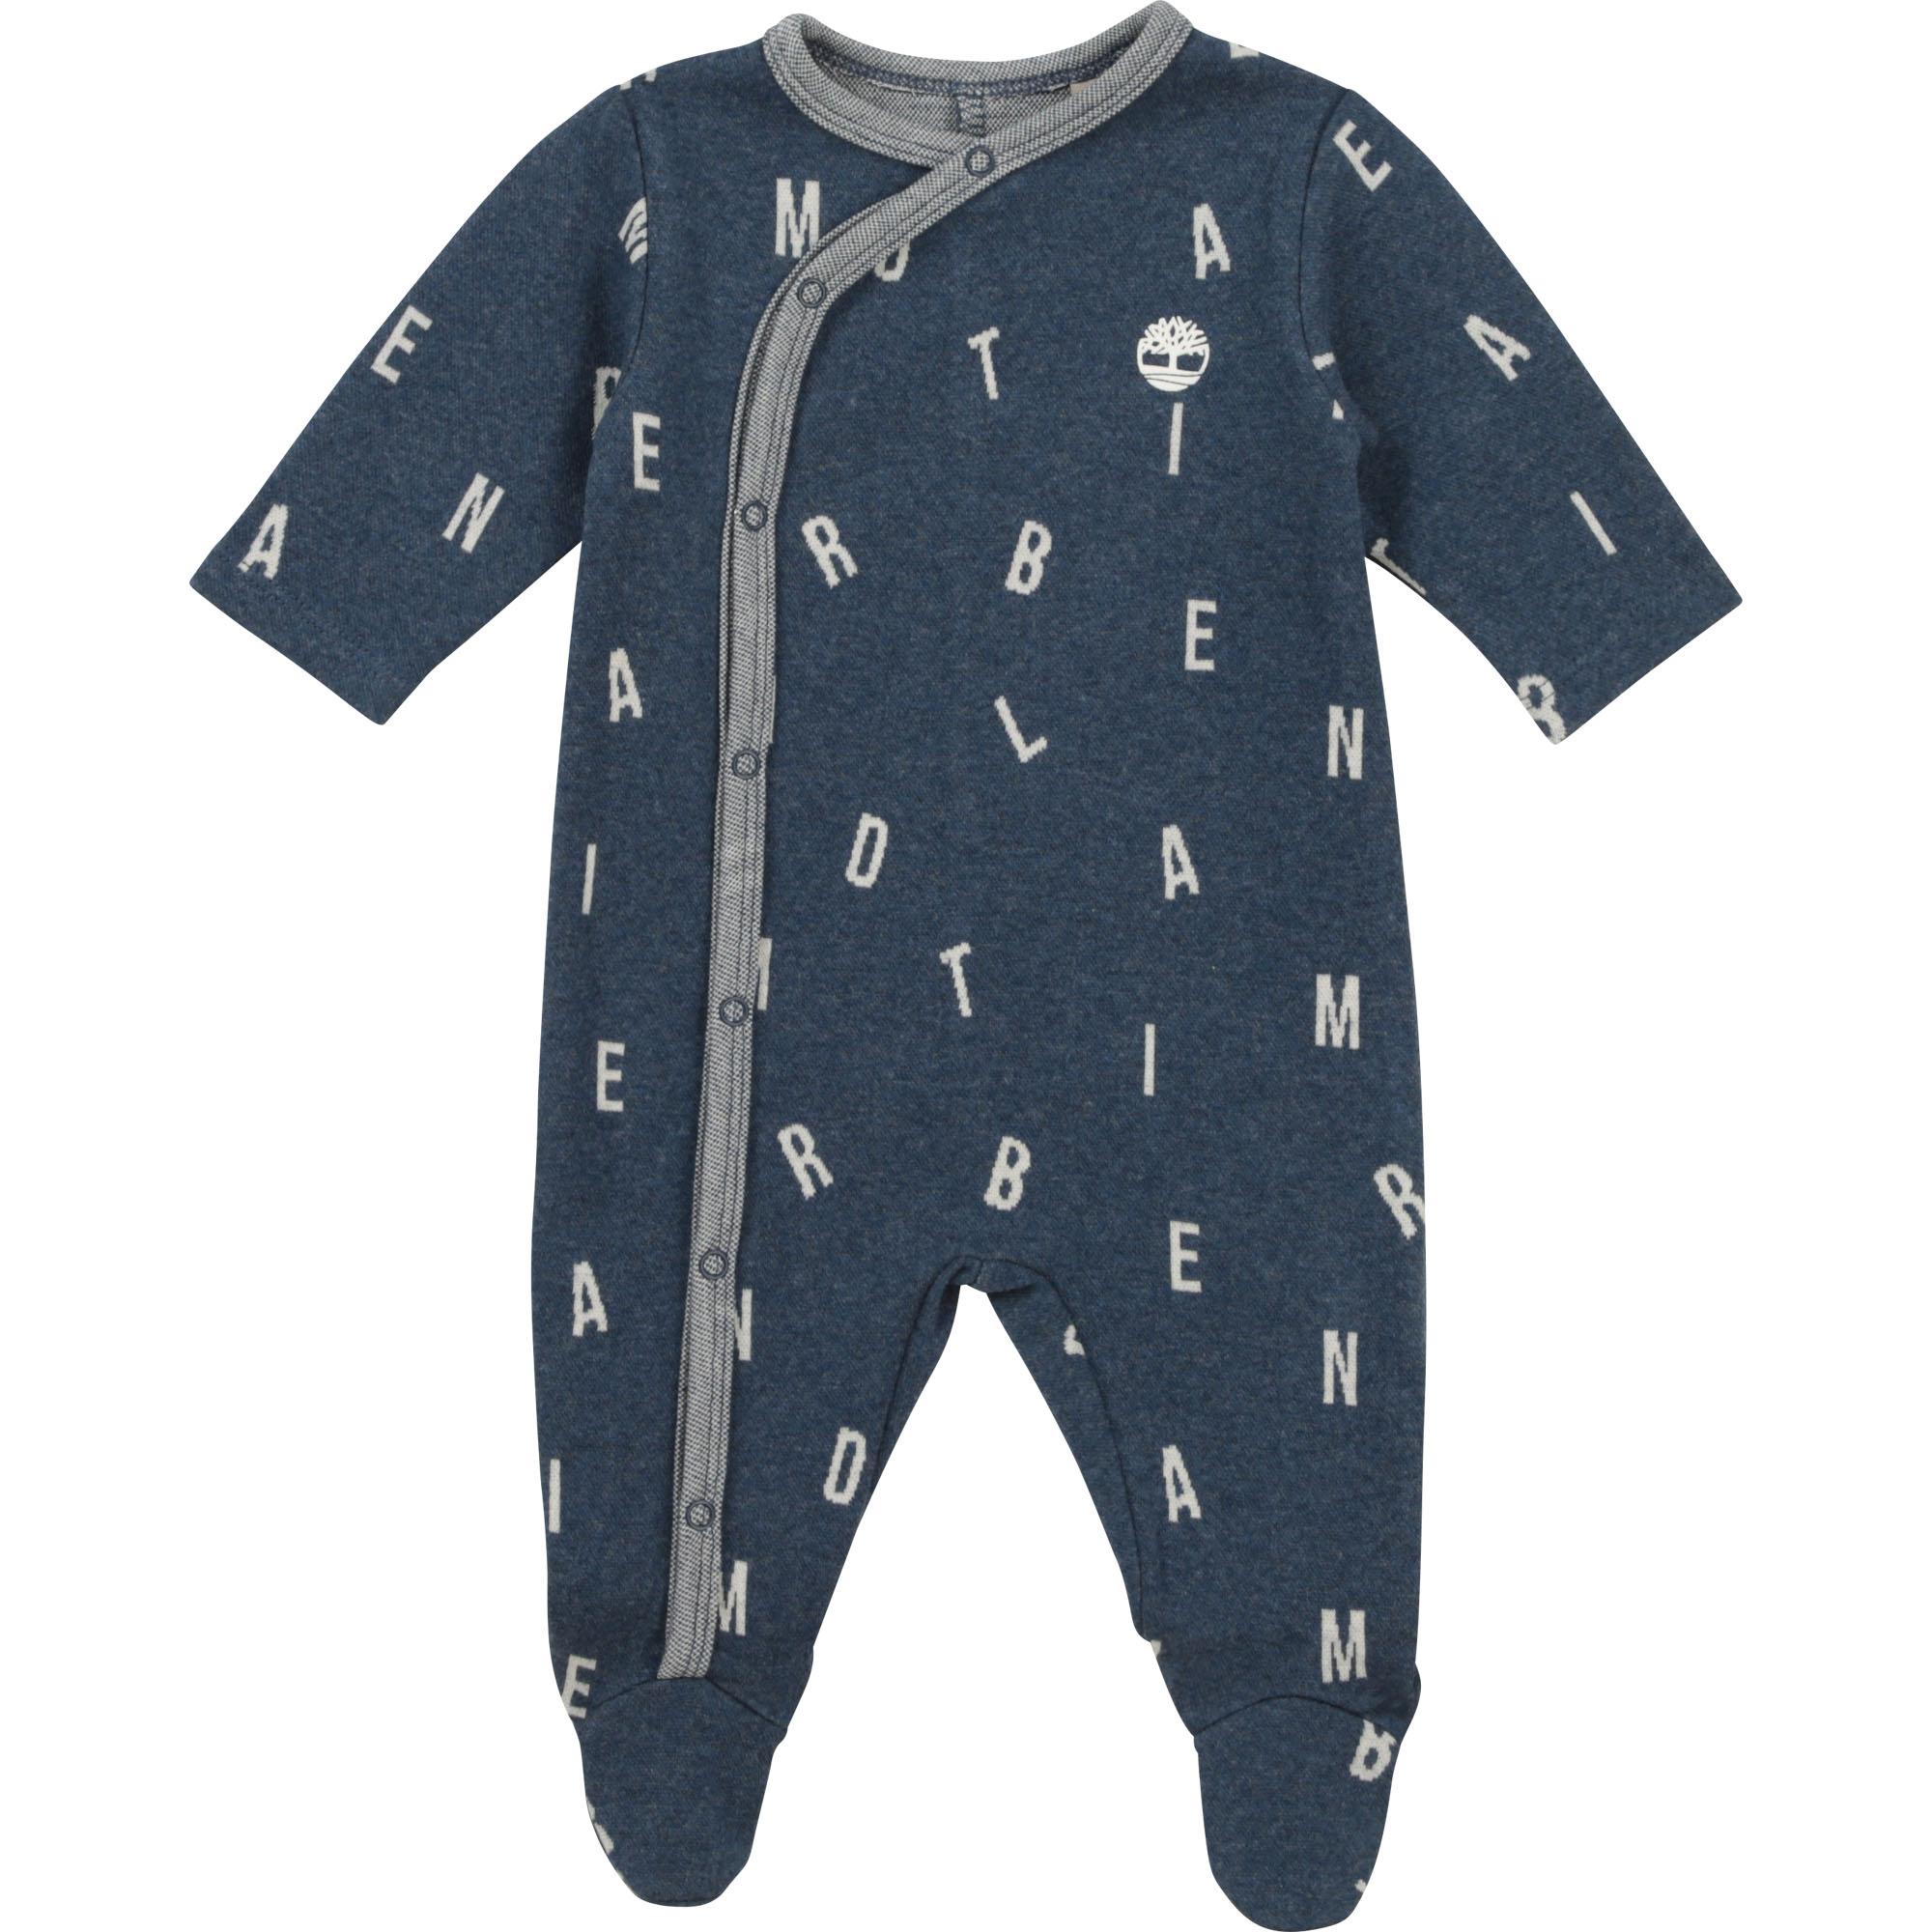 Pyjama à pressions TIMBERLAND BEBE COUCHE GARCON Indéterminé